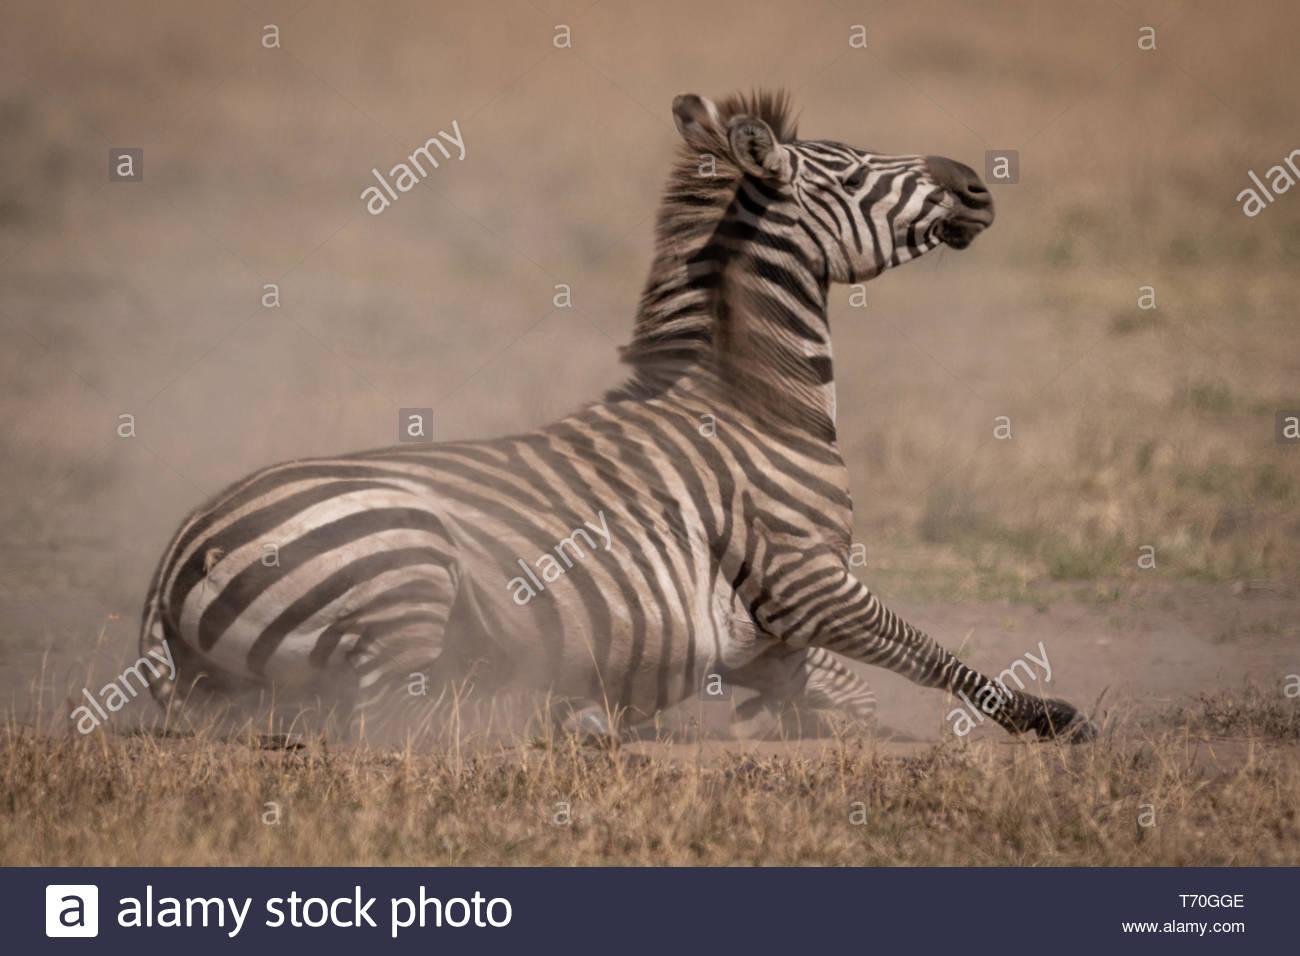 Ebenen zebra liegen auf Grünland in Staub Stockfoto